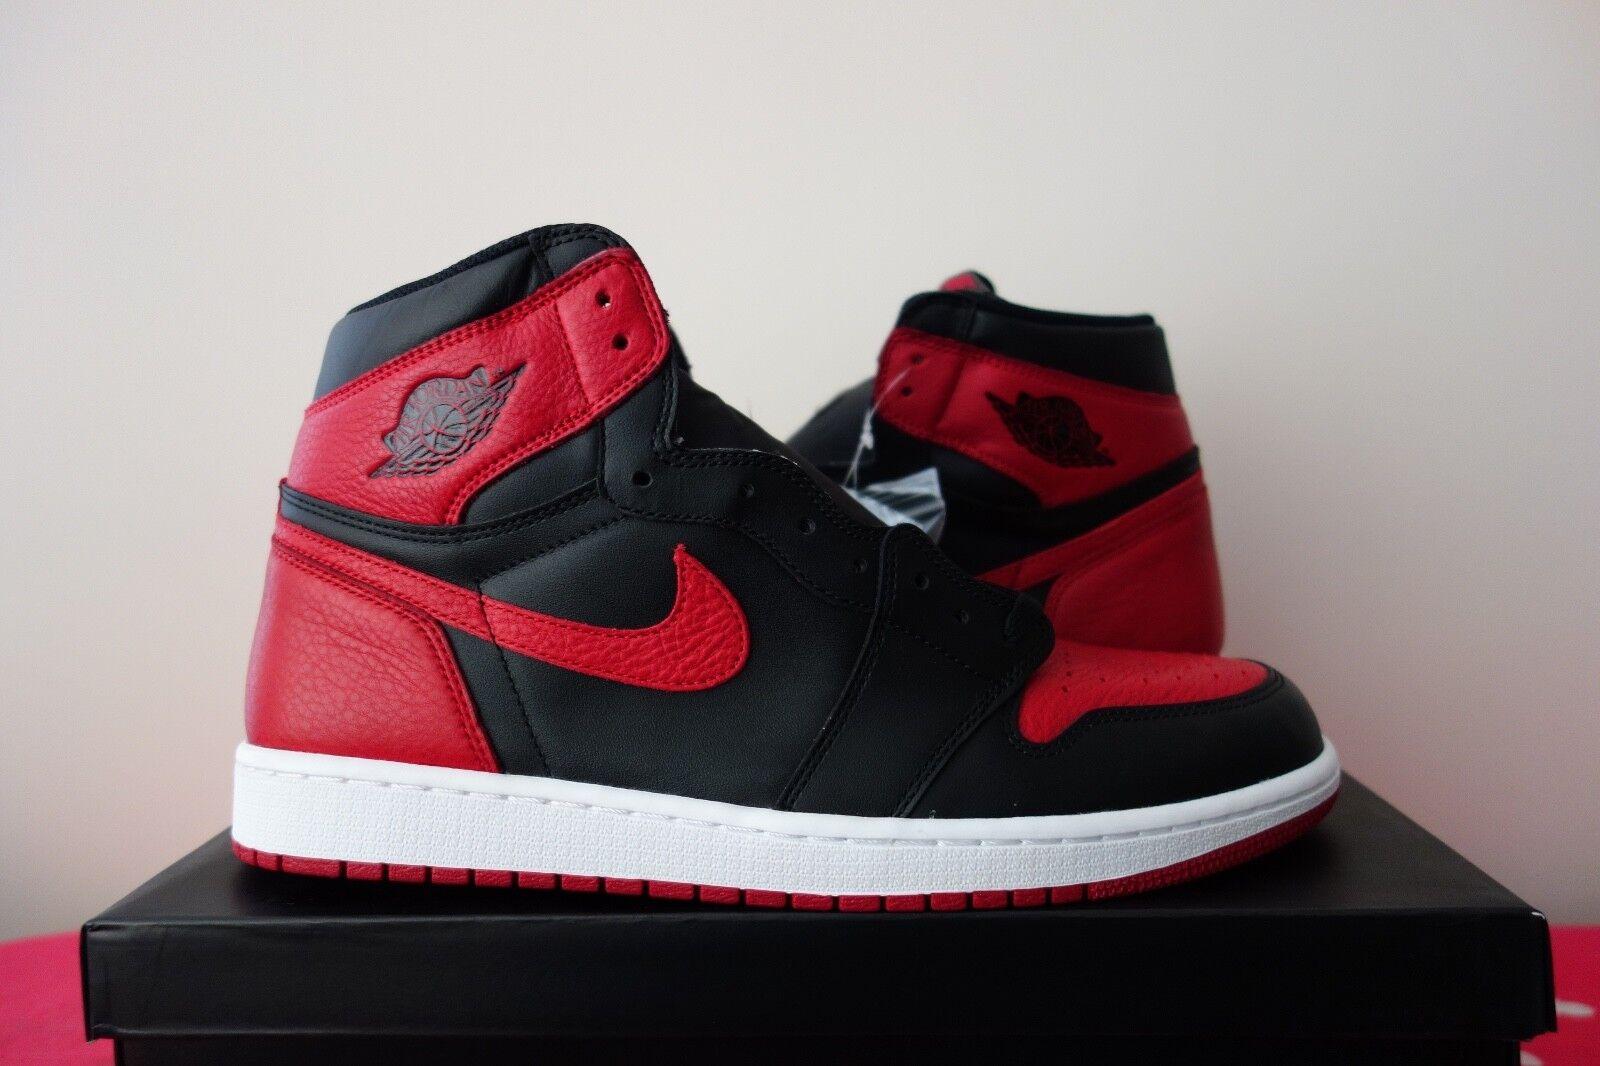 Nike Air Jordan 1 Retro High OG Banned BRED Black Red 555088 001 off white sean